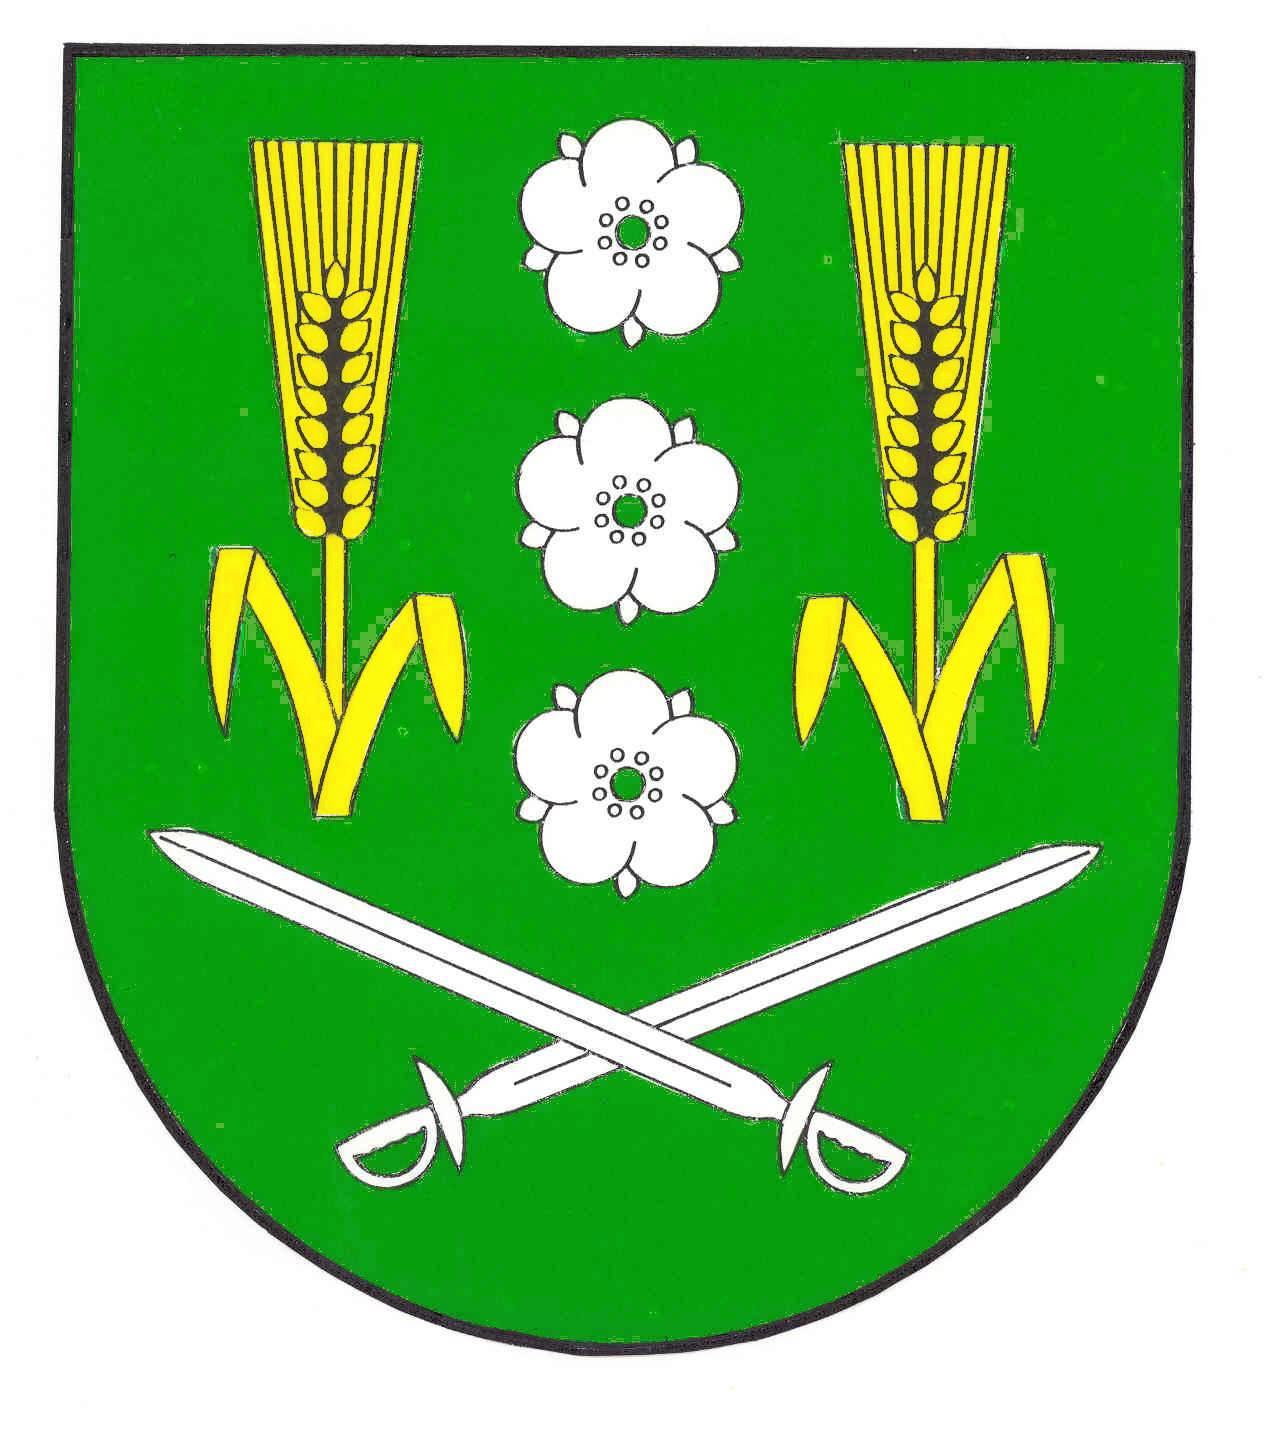 Wappen GemeindeSüderhastedt, Kreis Dithmarschen